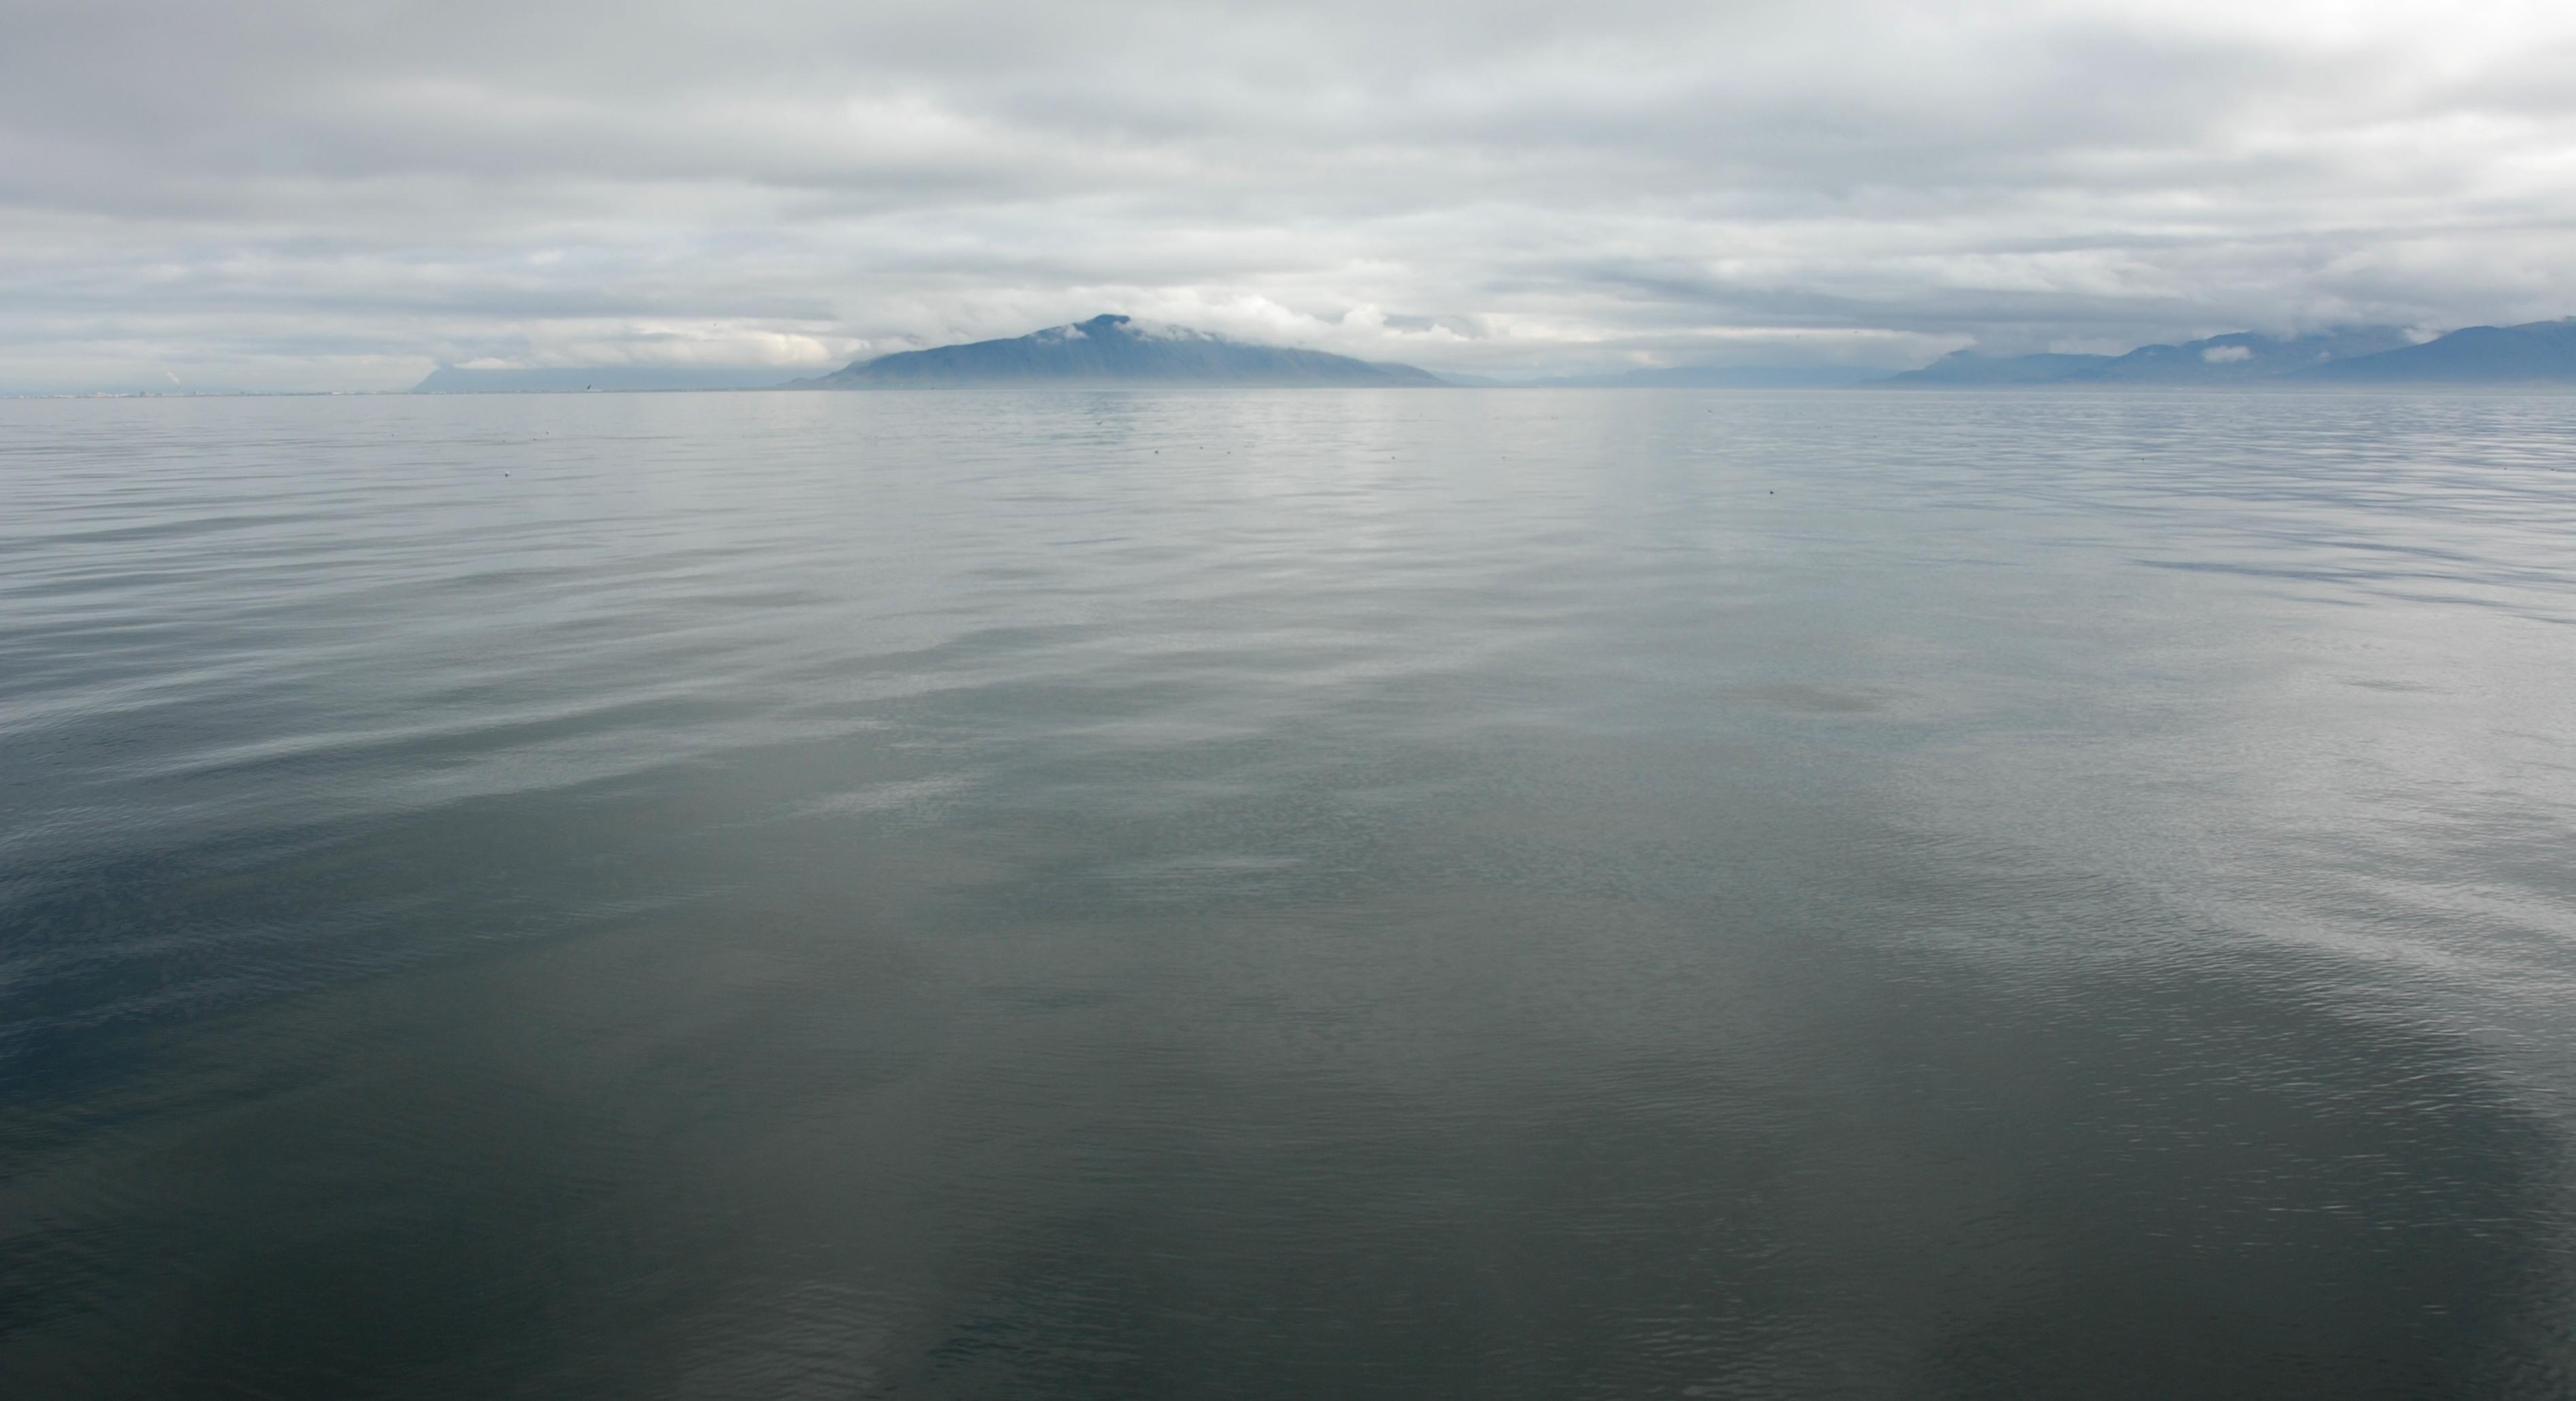 IJsland (2010)